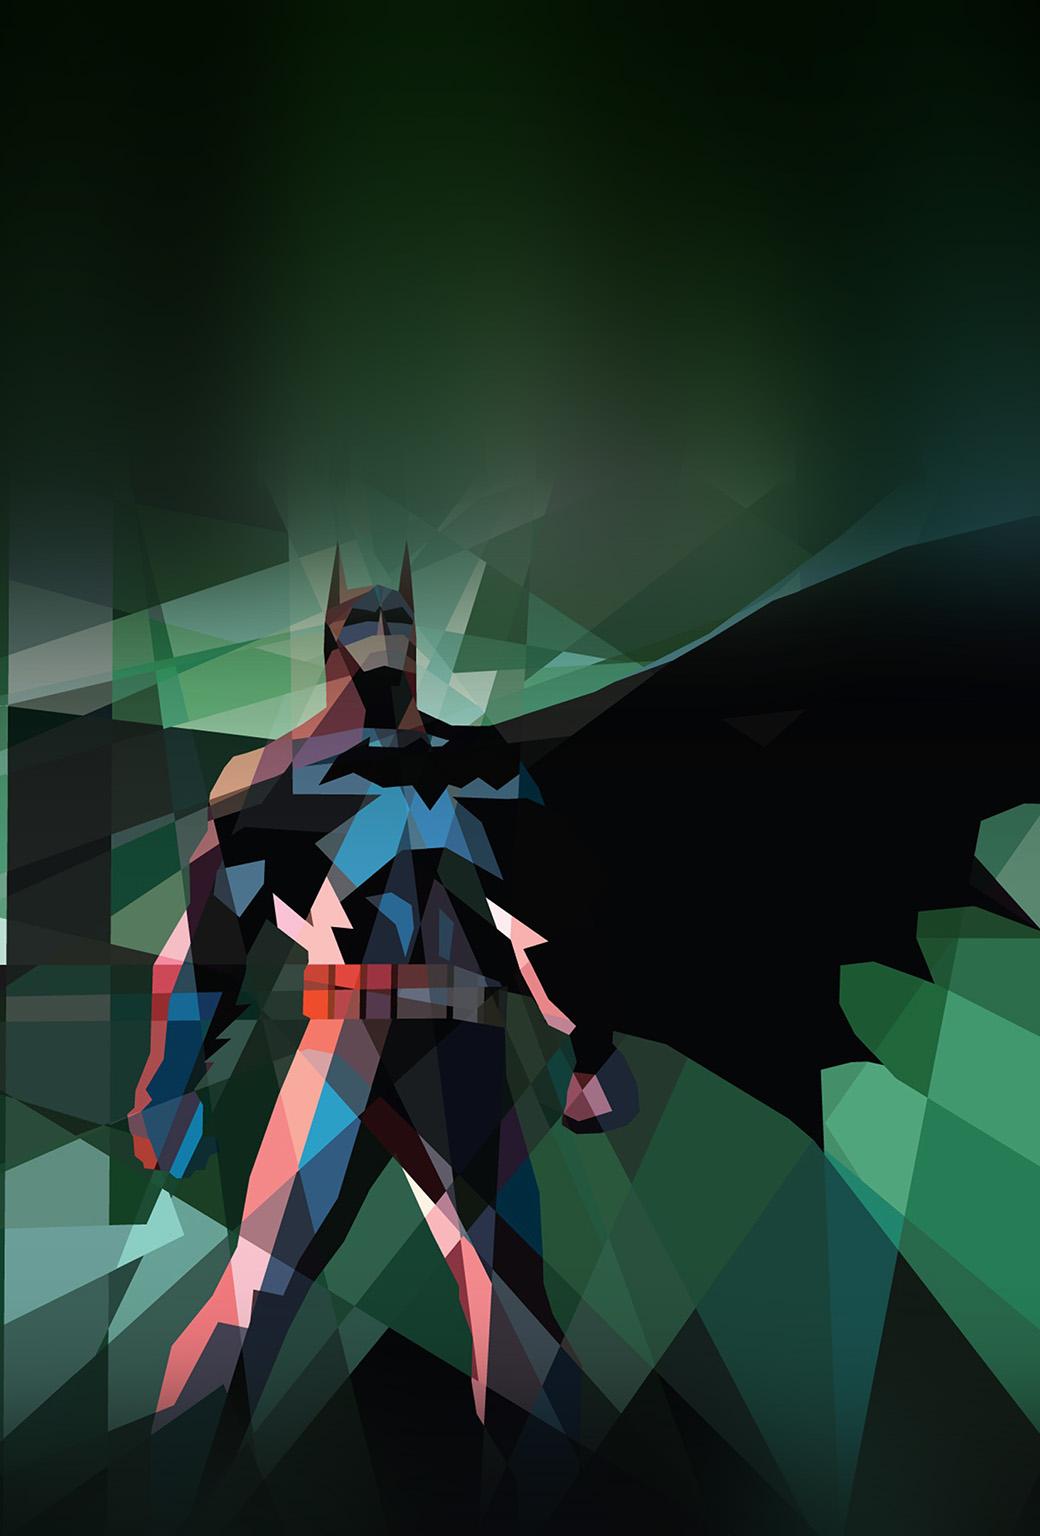 Wallpaper iphone superhero - Wallpapers Of The Week Super Hero Pack Ii